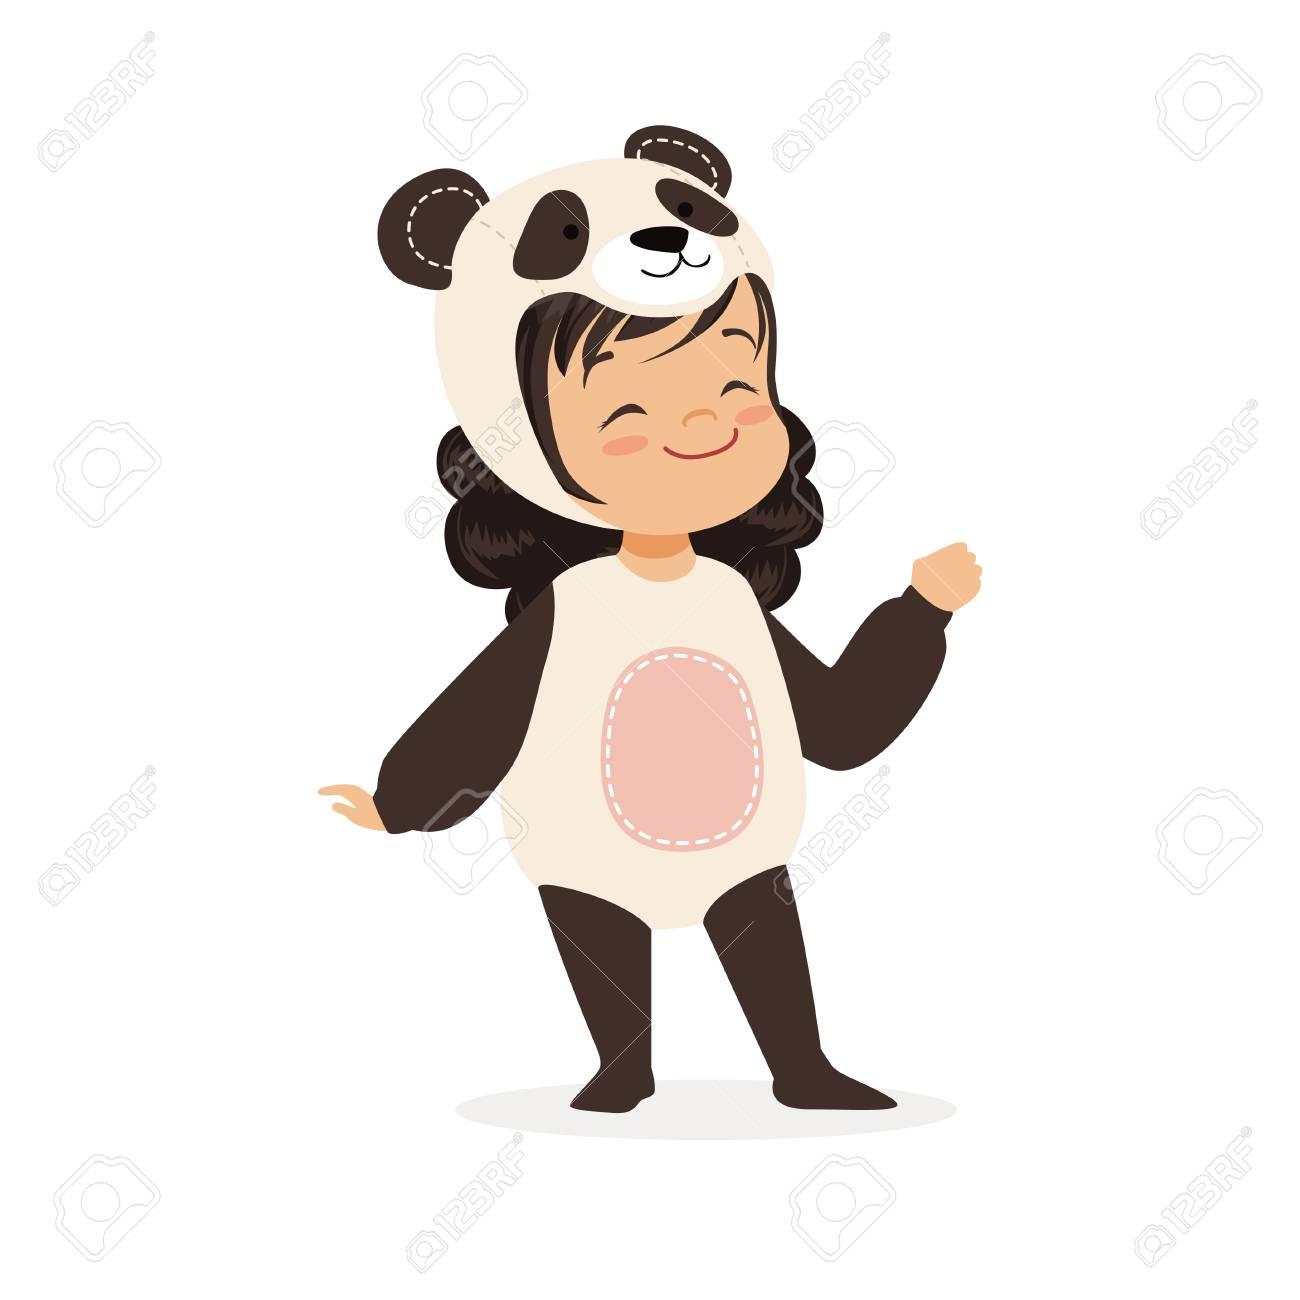 La bambina felice sveglia si è vestita come panda, illustrazione di vettore del costume di carnevale dei bambini